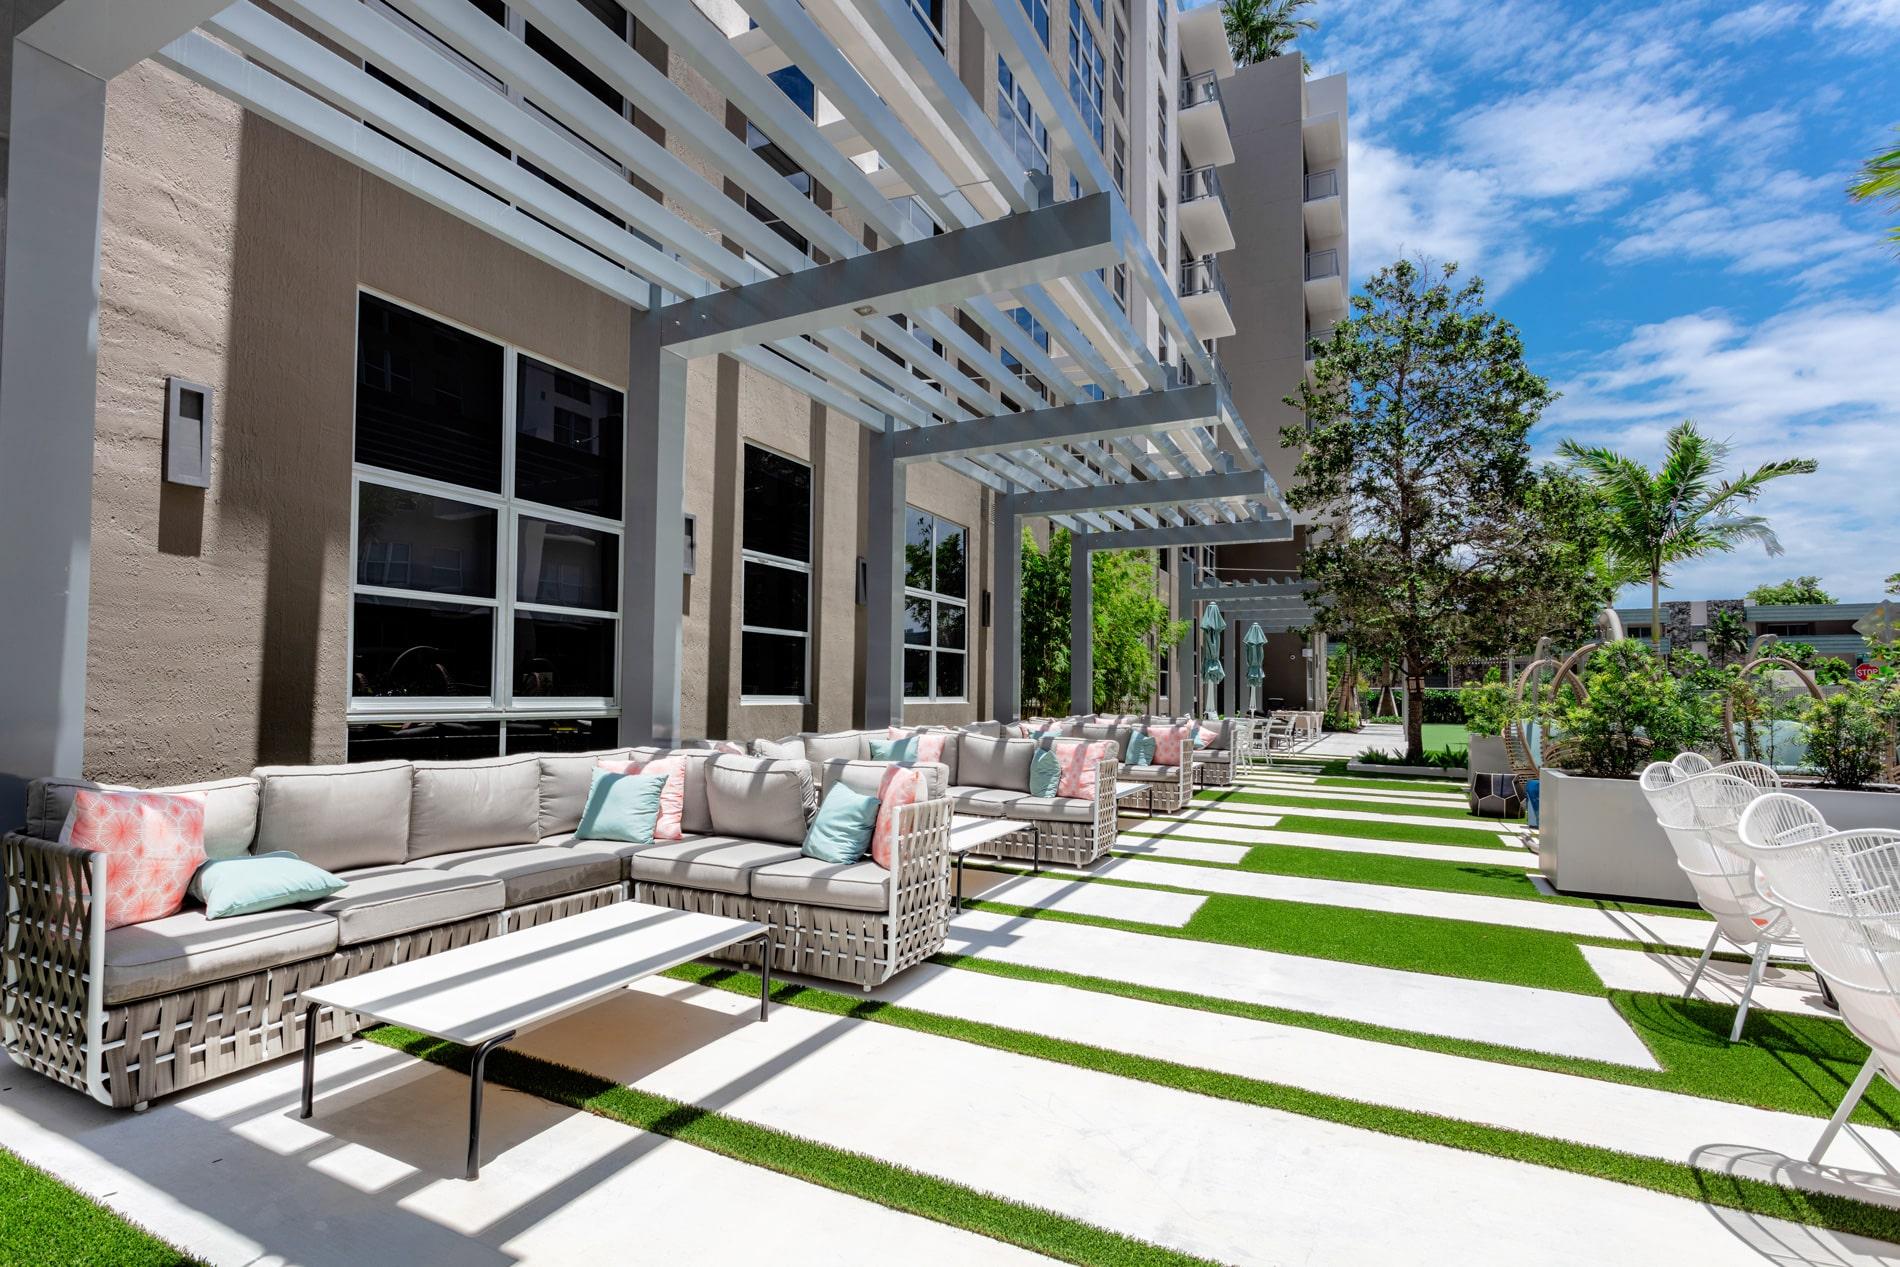 Modera Metro II   Exterior Area   Miami, FL   Multifamily High Rise   Interior Designers